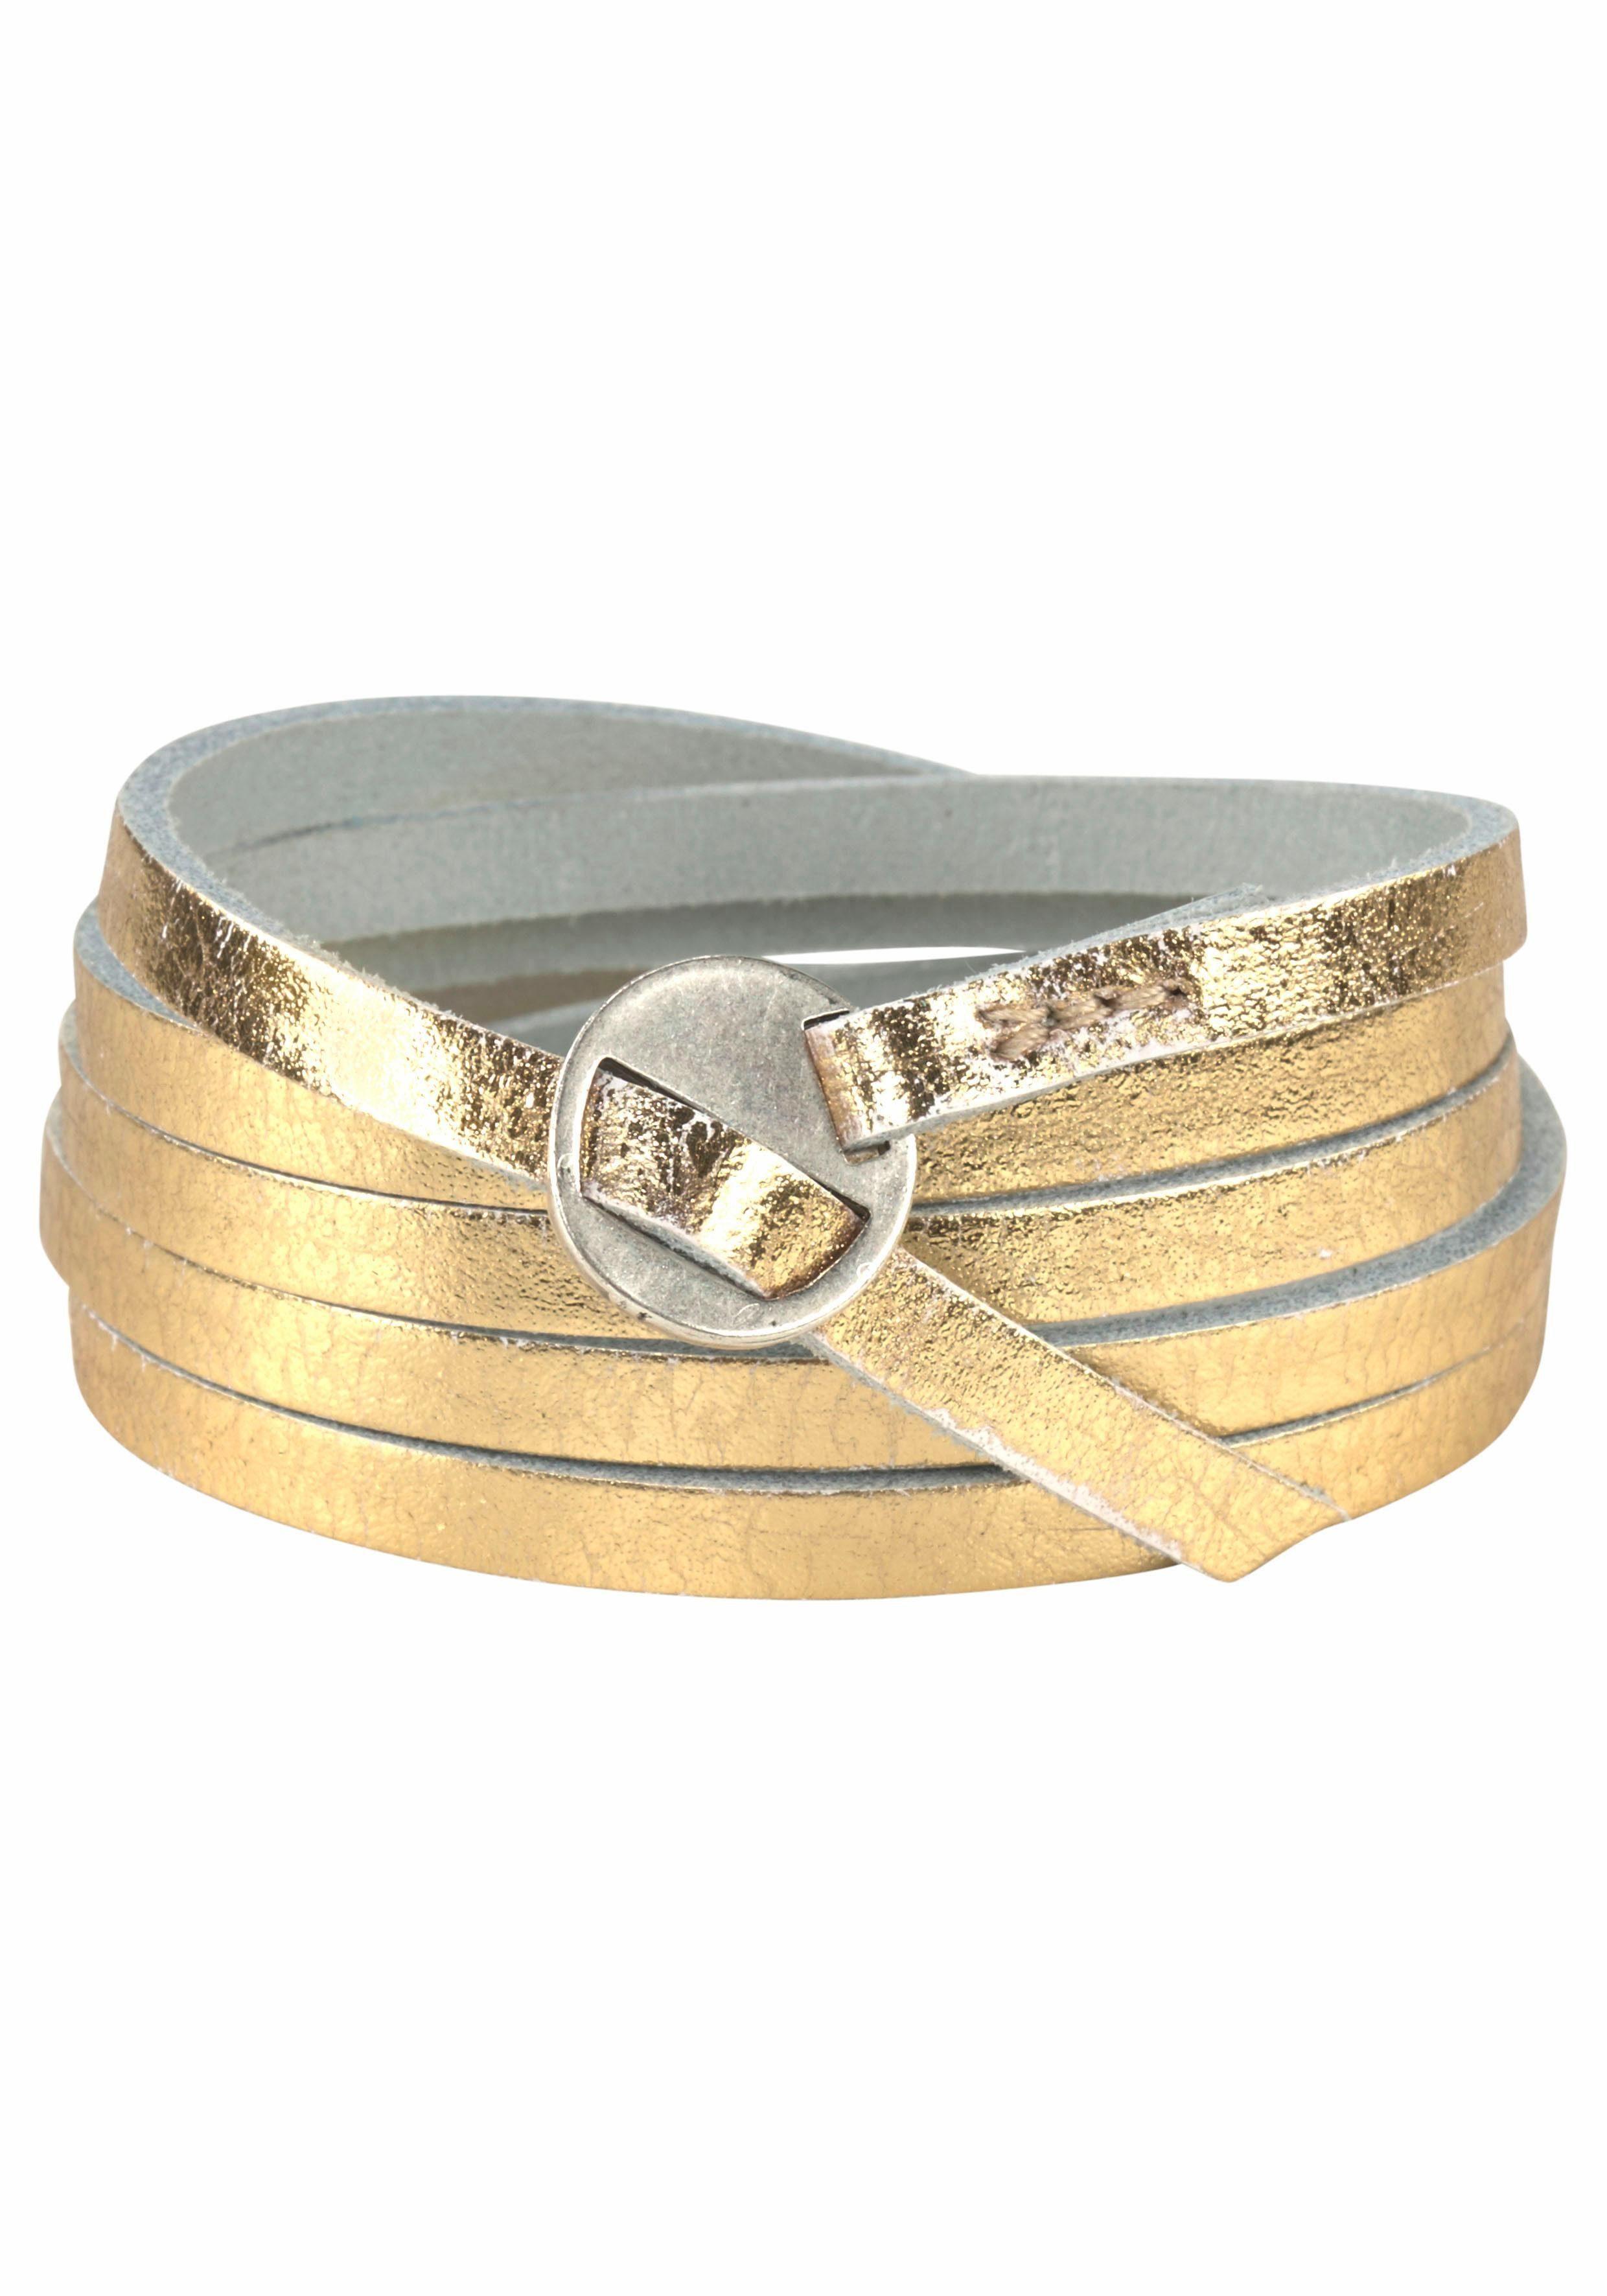 J.Jayz Armband, zum Wickeln im Metallic Look